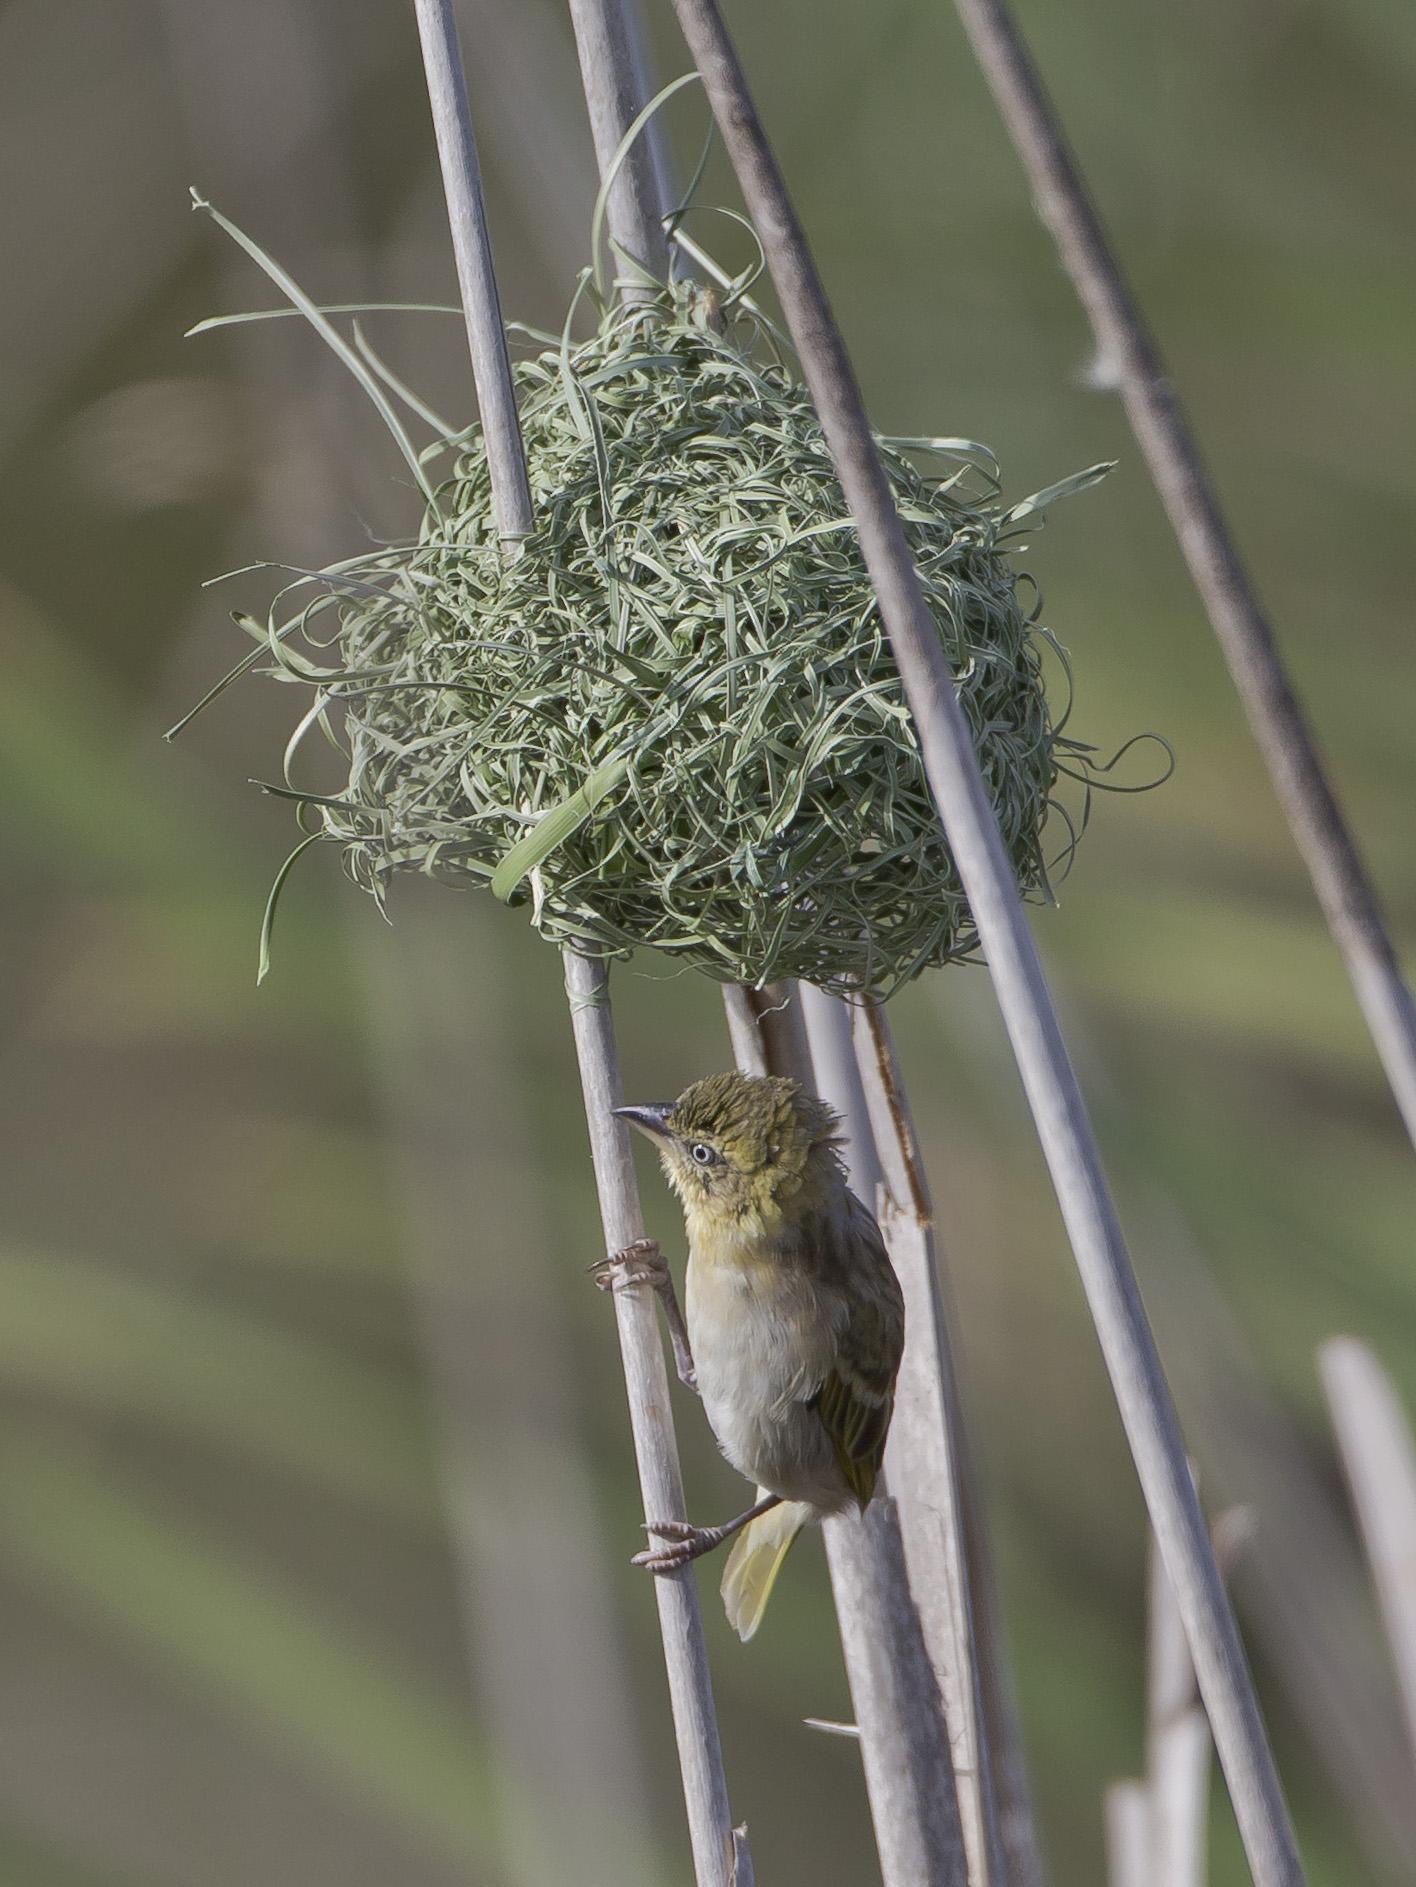 Das Männchen muss das Weibchen ans Nest locken, solange das Nest noch frisch ist und ein sattes Grün aufweist ...